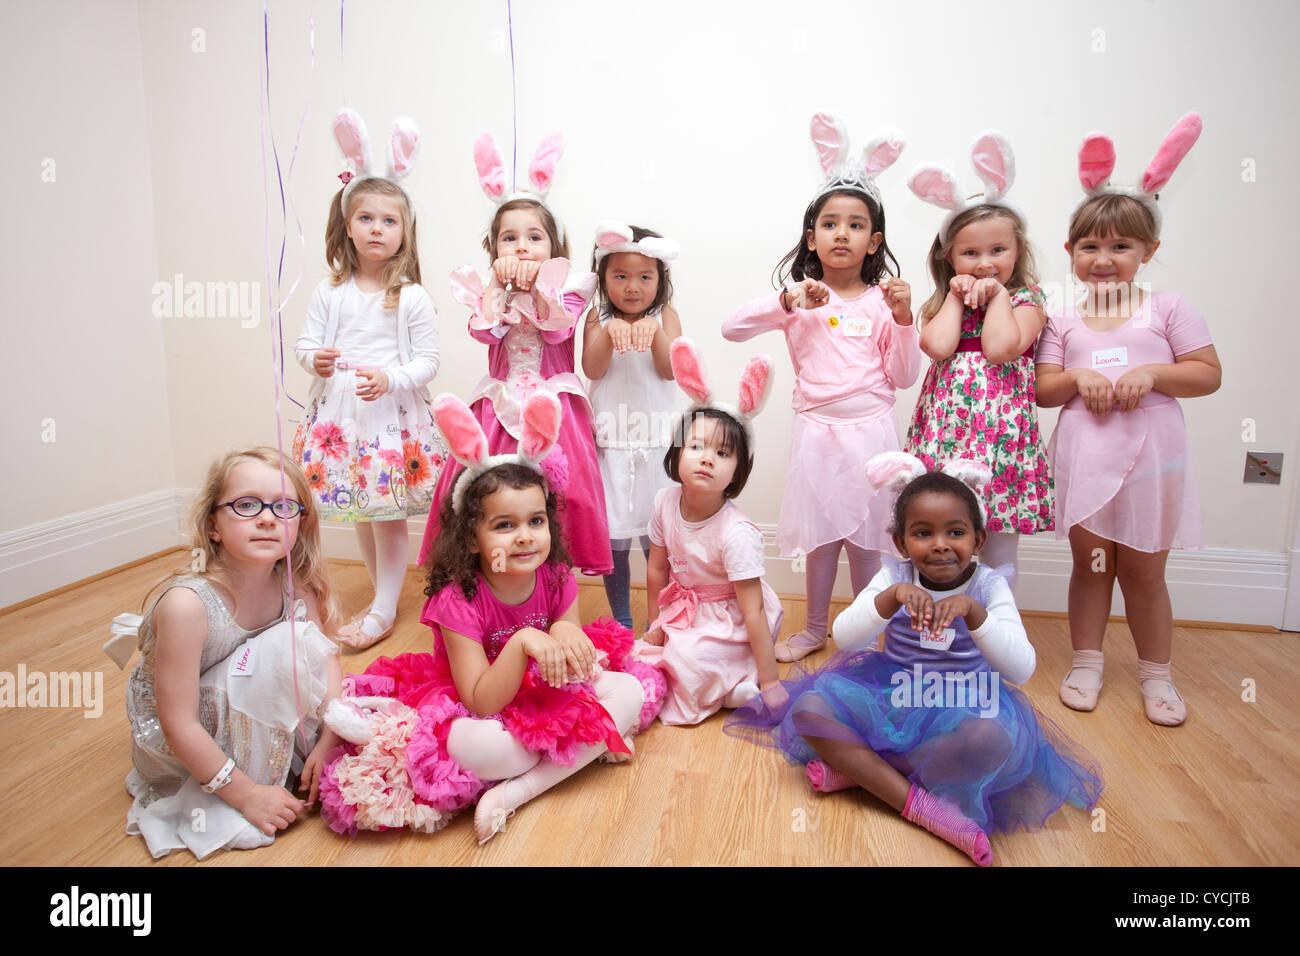 5 Jahre Gekleidet Madchen Geburtstagsparty Alle Wie Party Kleidung